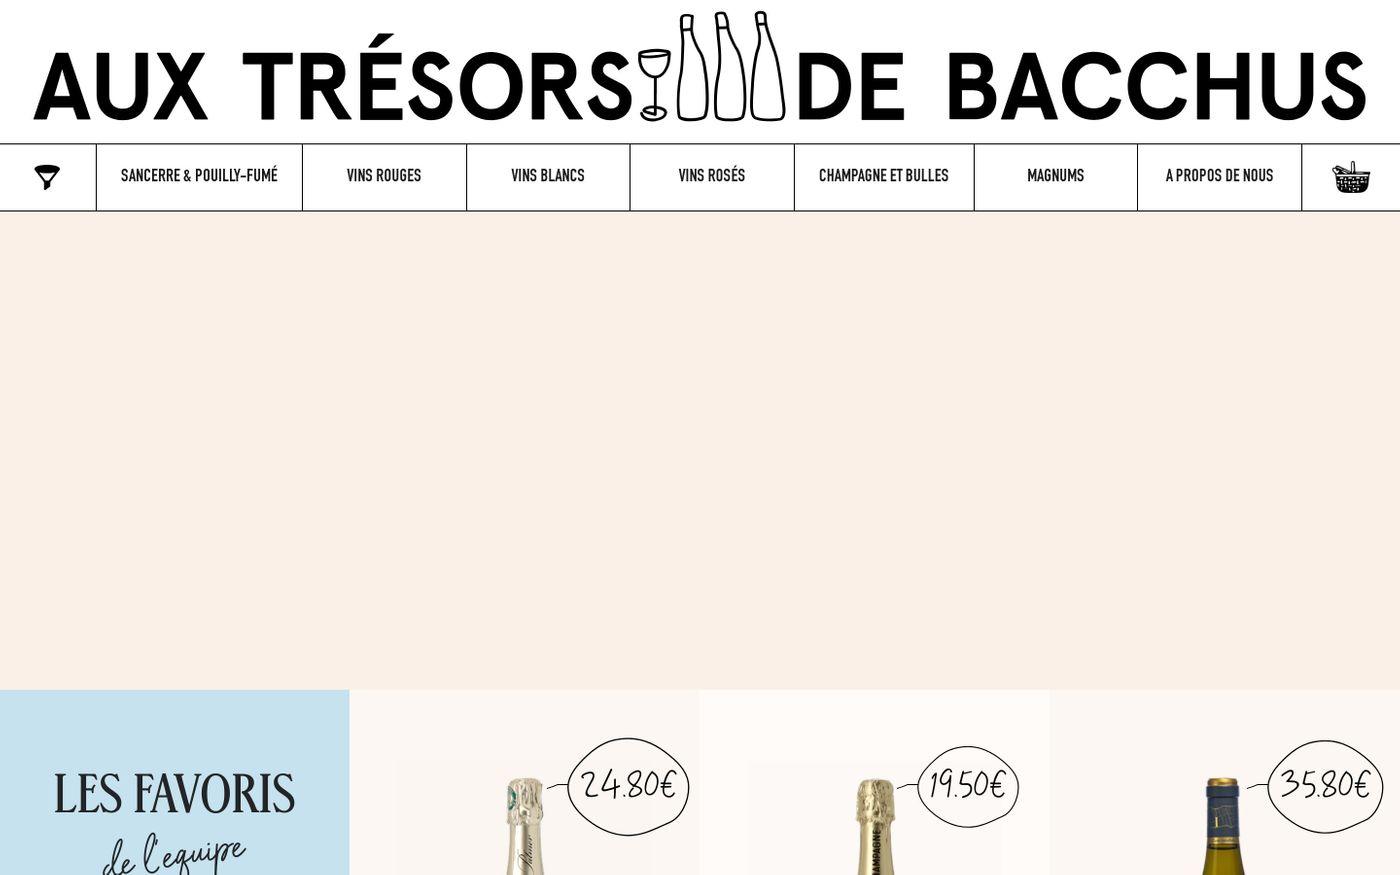 Screenshot of Trésors de Bacchus website